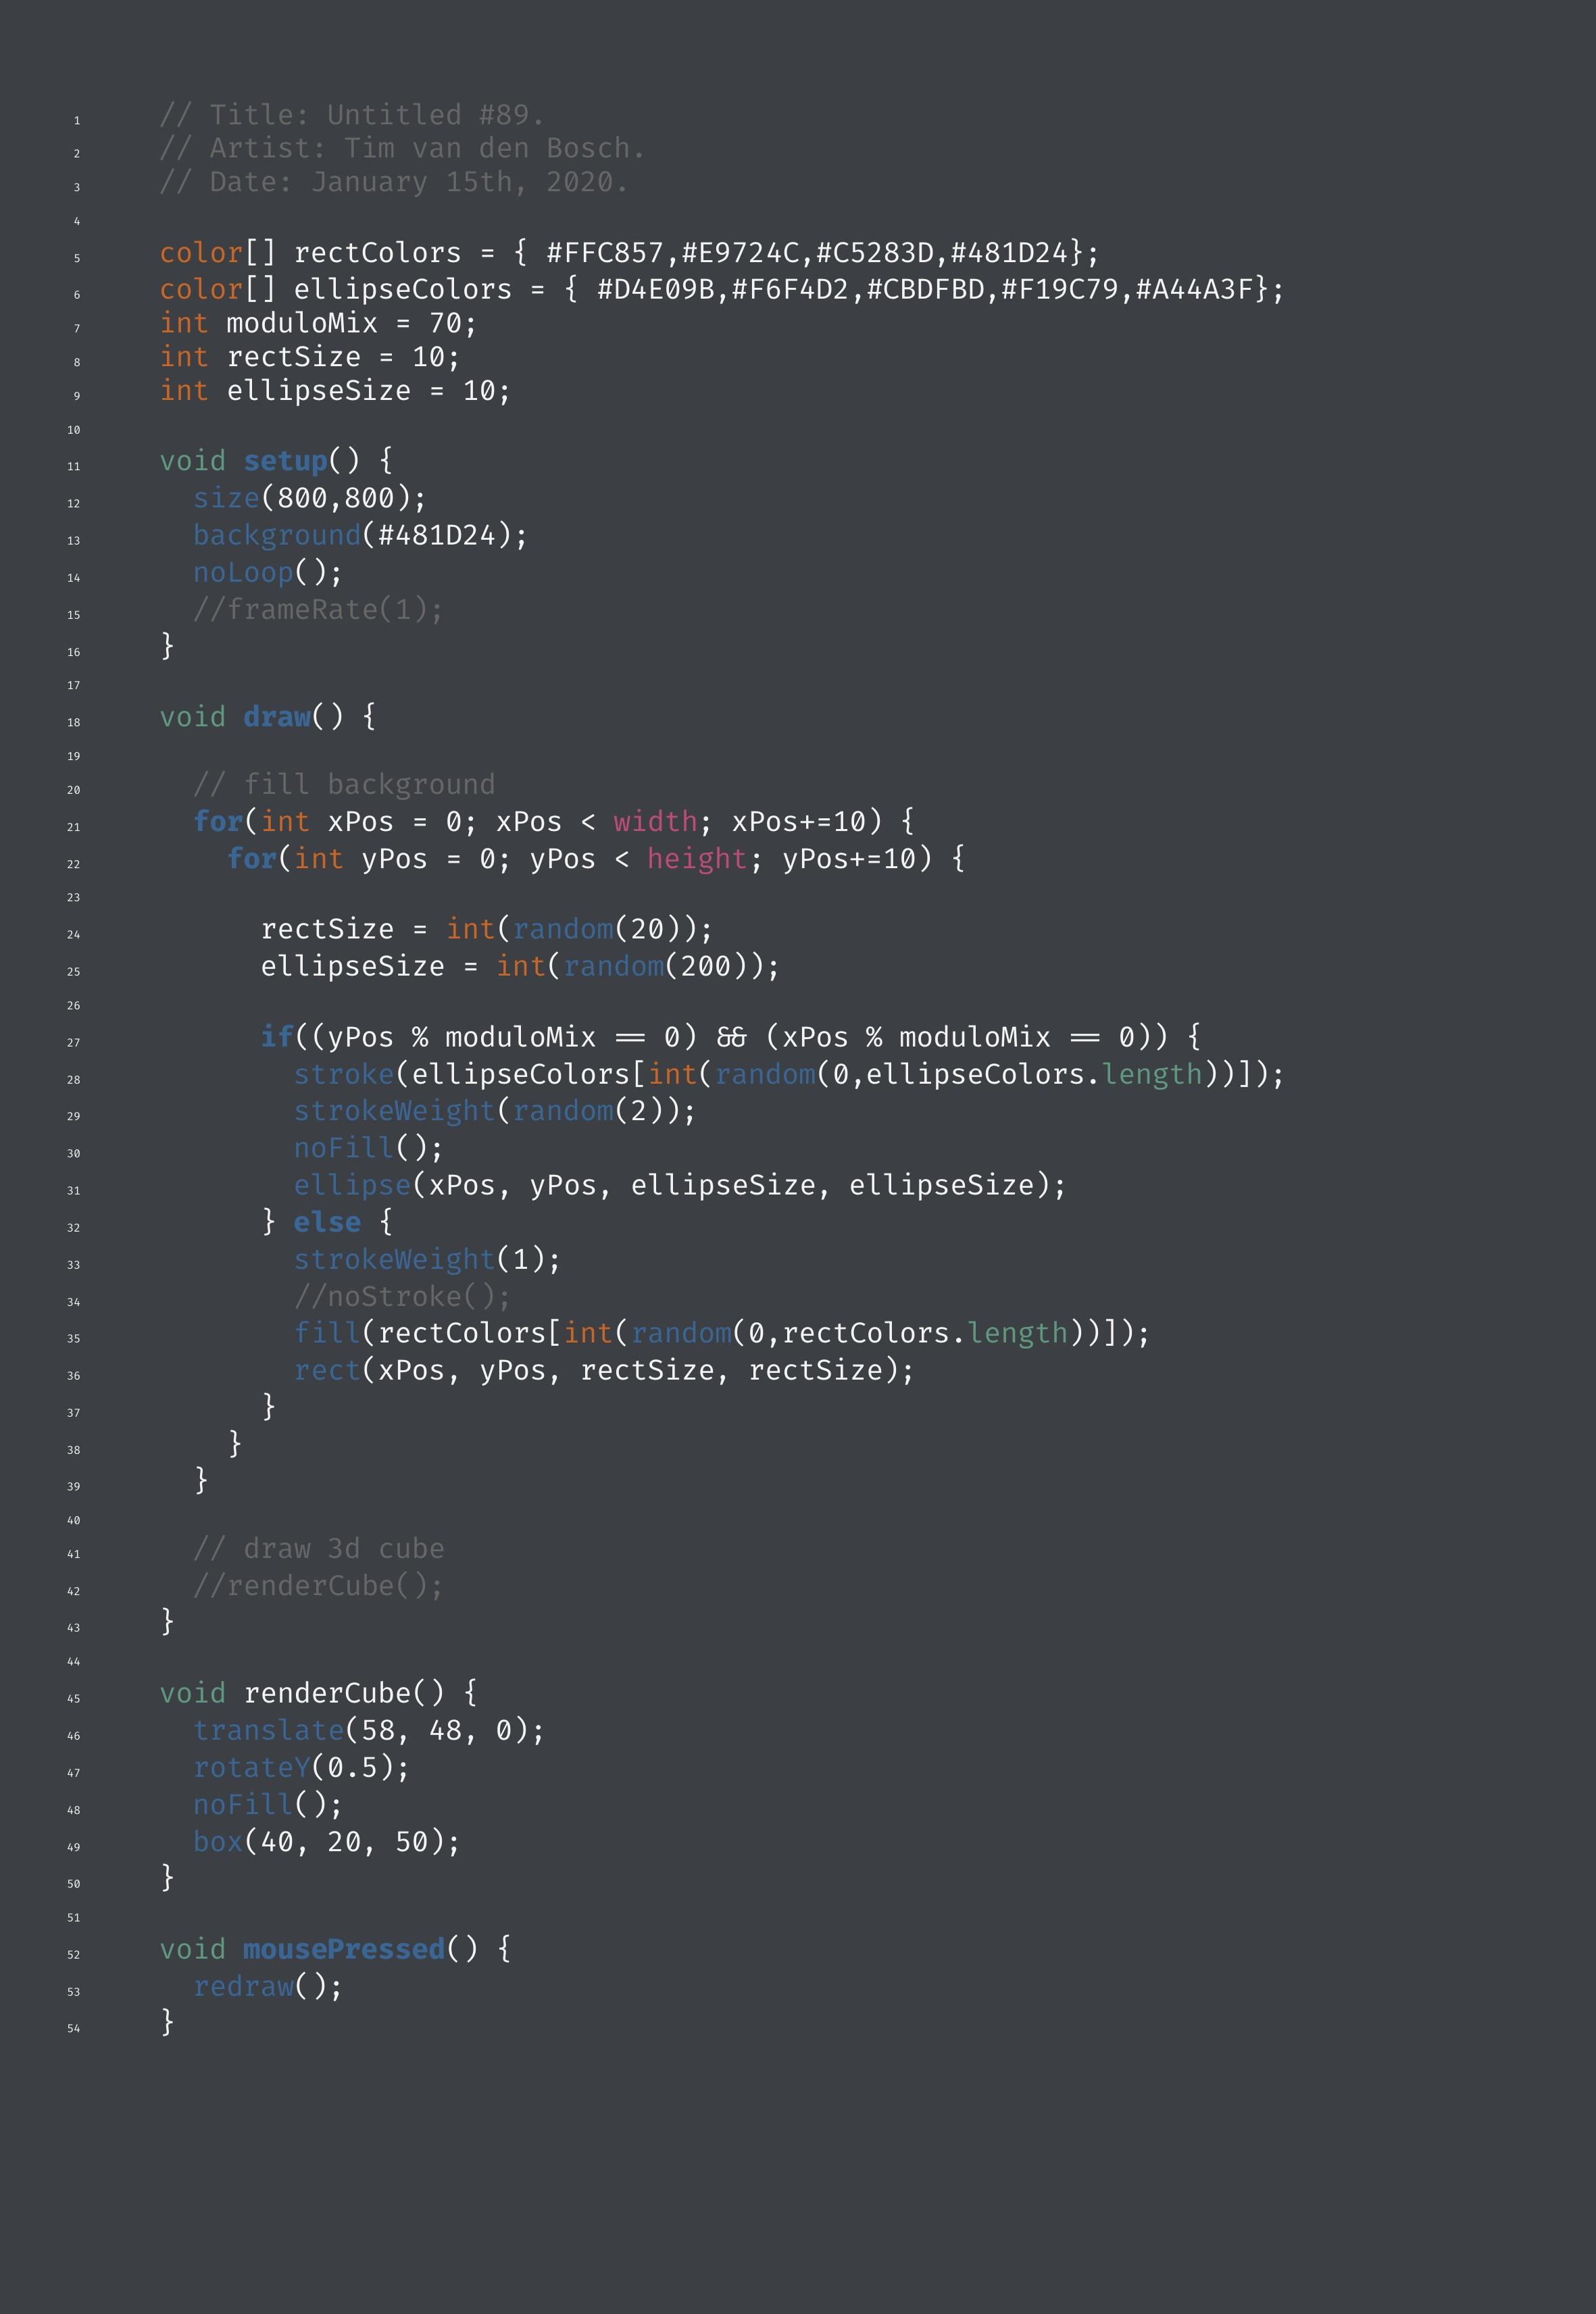 TimvandenBoschprint-code